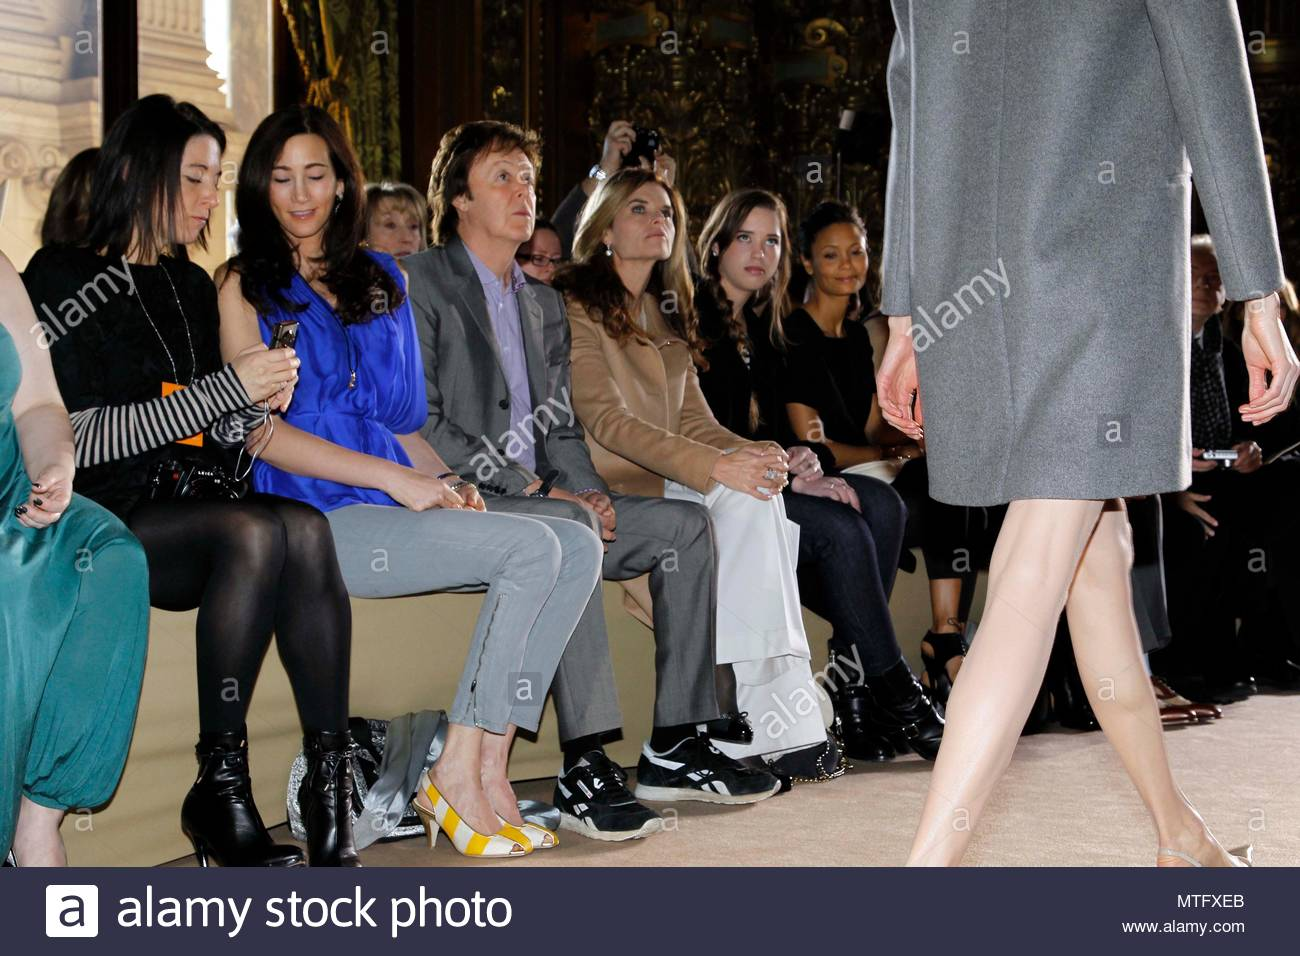 Nancy Shever, Paul McCartney, Maria Shriver, Christina, Thandie Newton und Laura Bailey. Stella McCartney bereit zu zeigen, als Teil des Paris Damenmode Fashion Week Herbst/Winter 2011 Verschleiß an der Opera Garnier in Paris, Frankreich. Stockbild